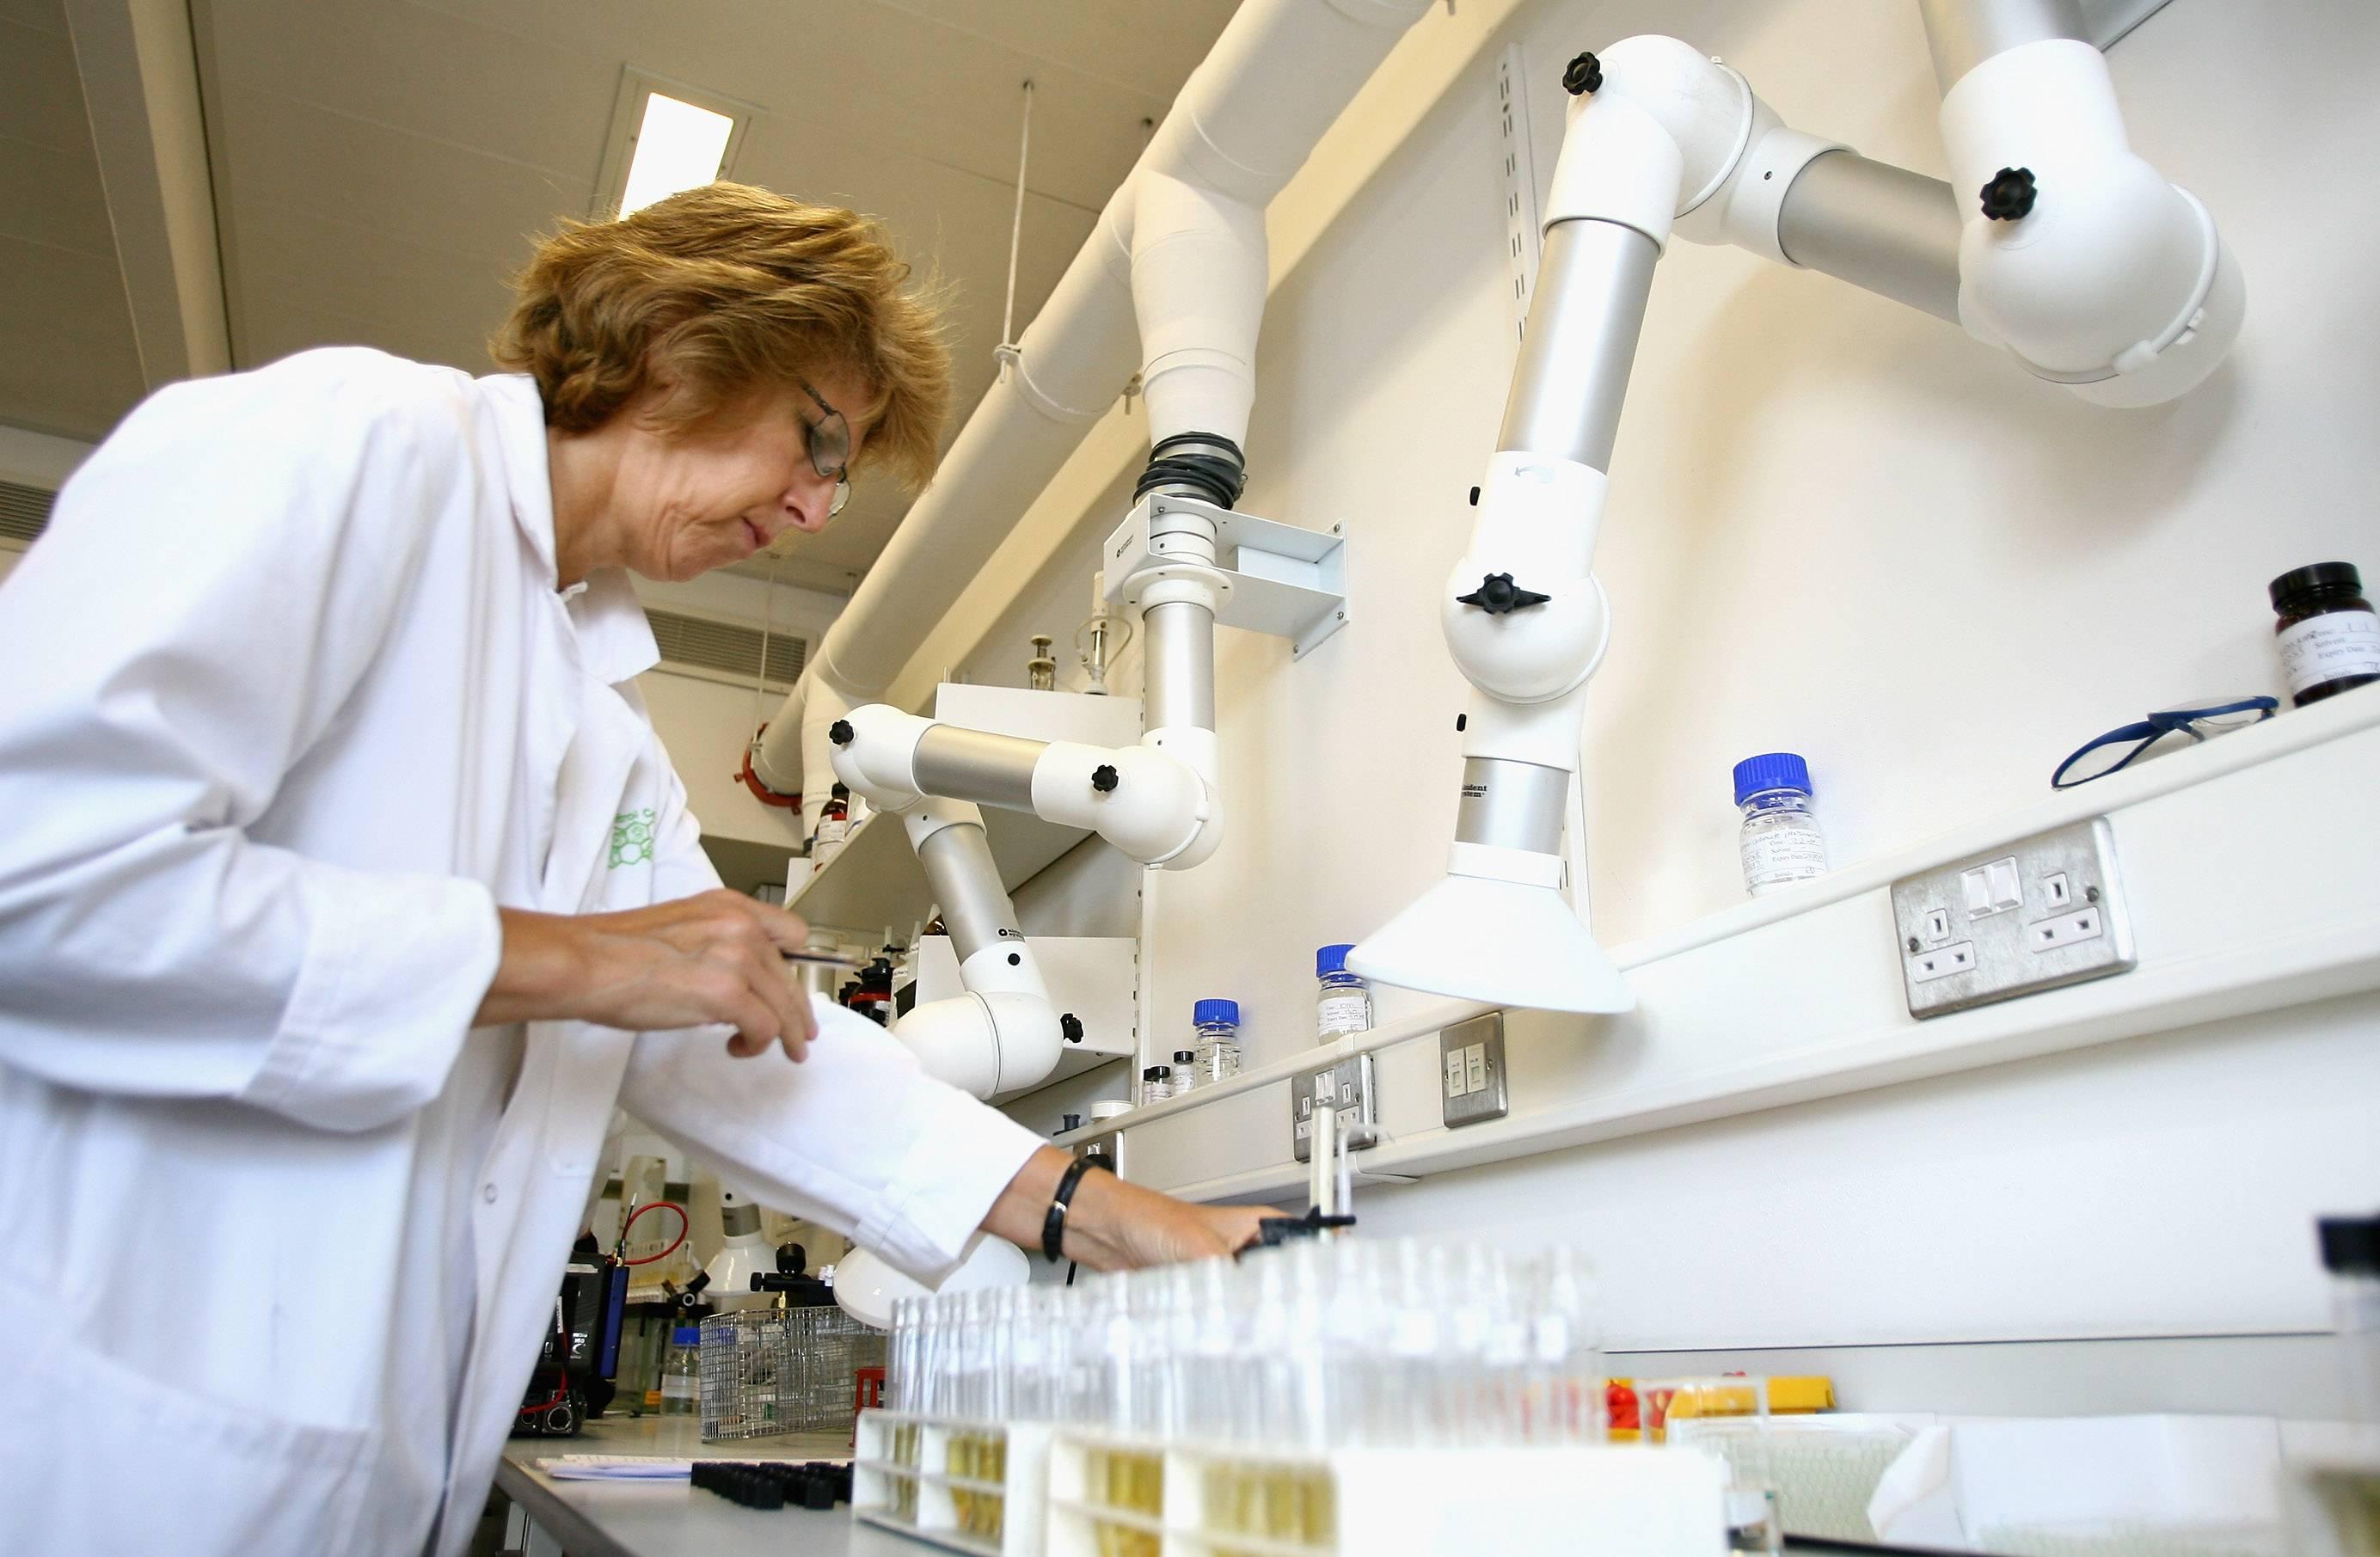 Científicas colombianas pueden aspirar a becas de investigación financiadas por L'Oreal